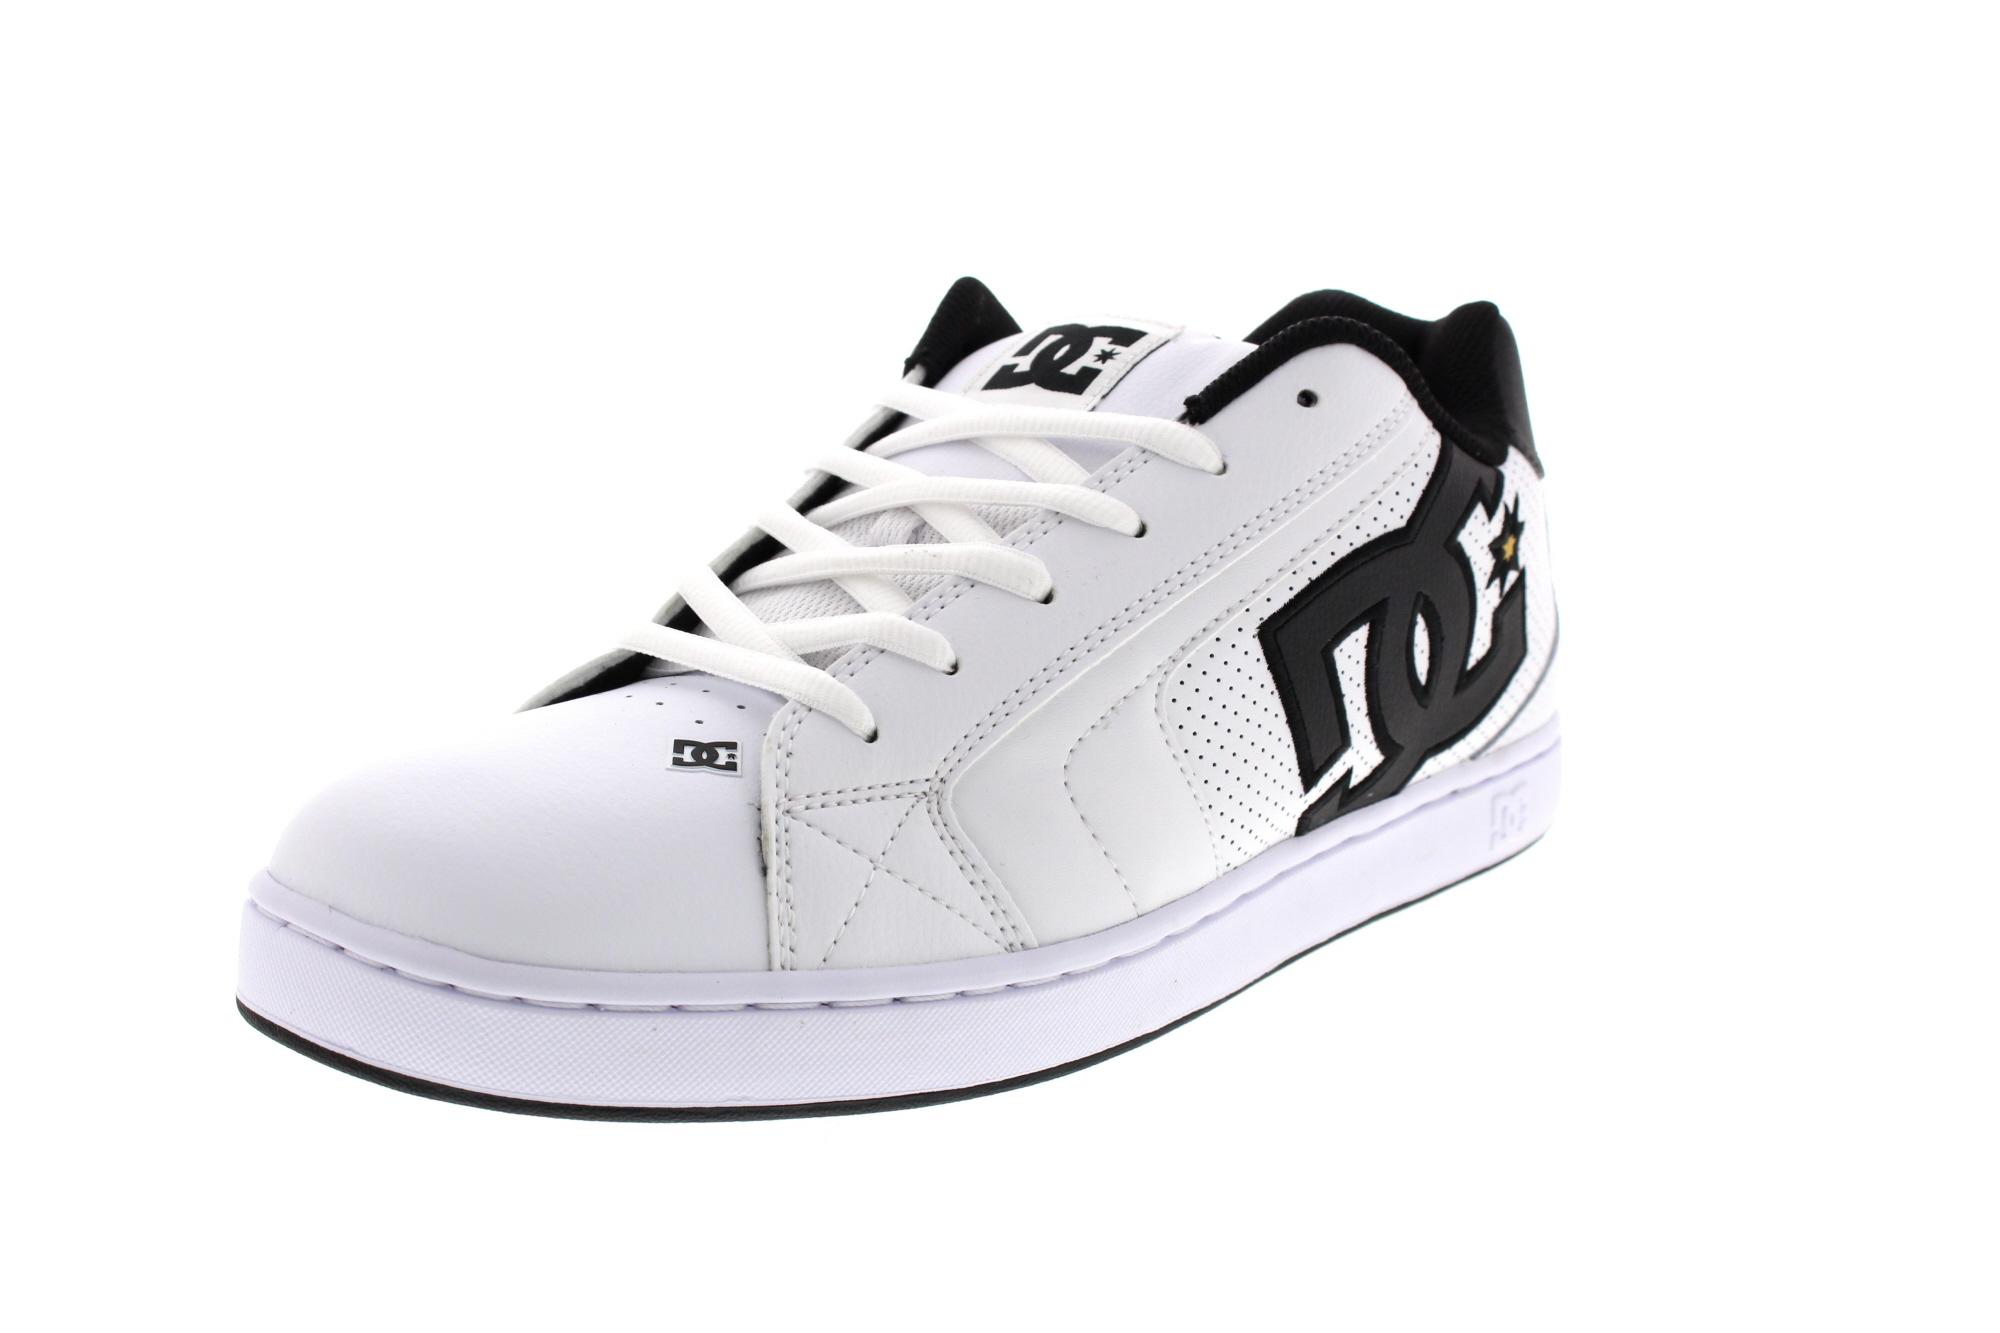 DC in Übergrößen - Sneaker NET 302361-WG1 - white gold